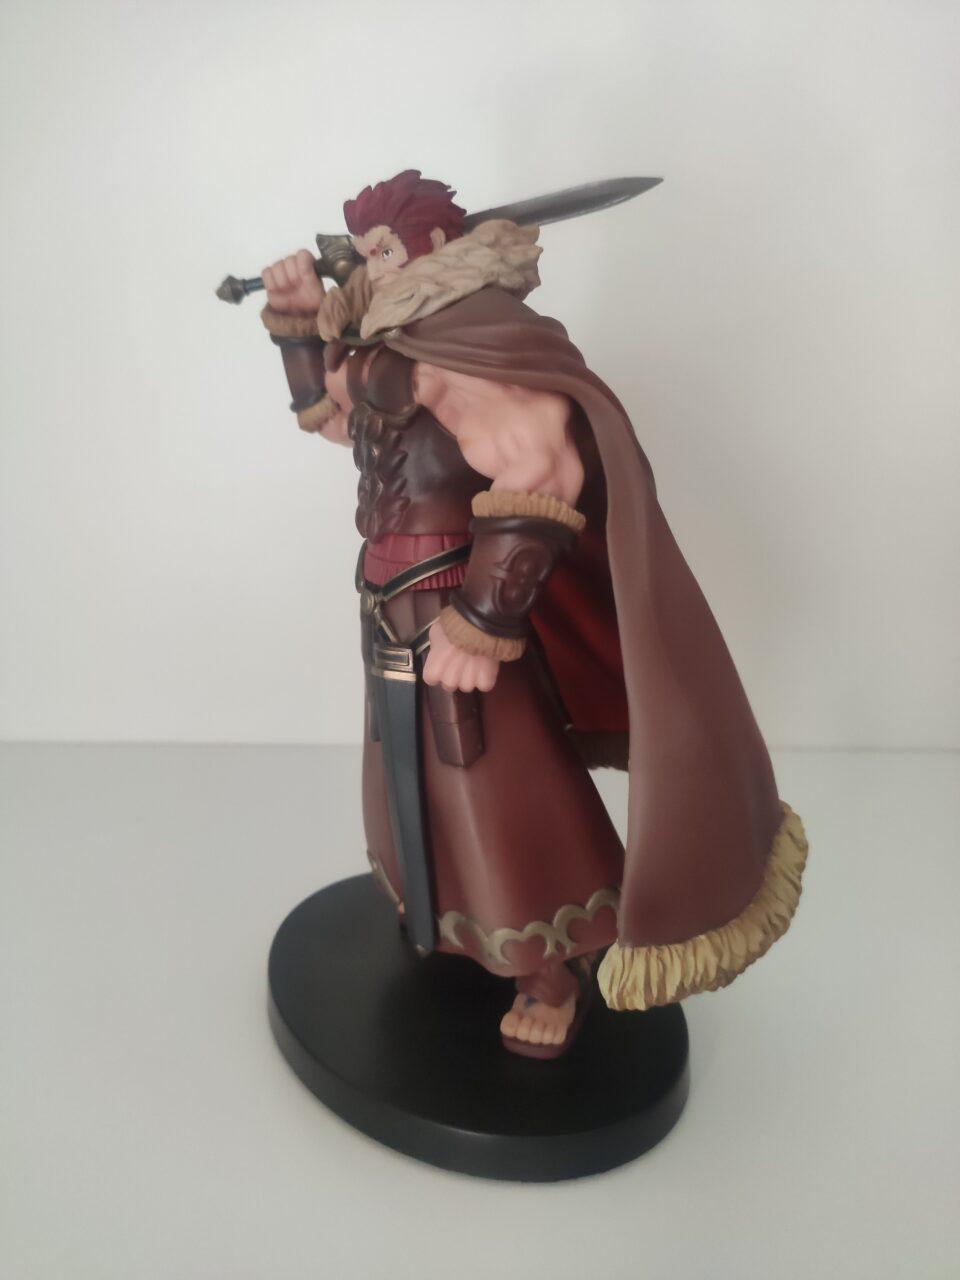 Fate Zero Rider (Iskandar) Action Figure della Banpresto.